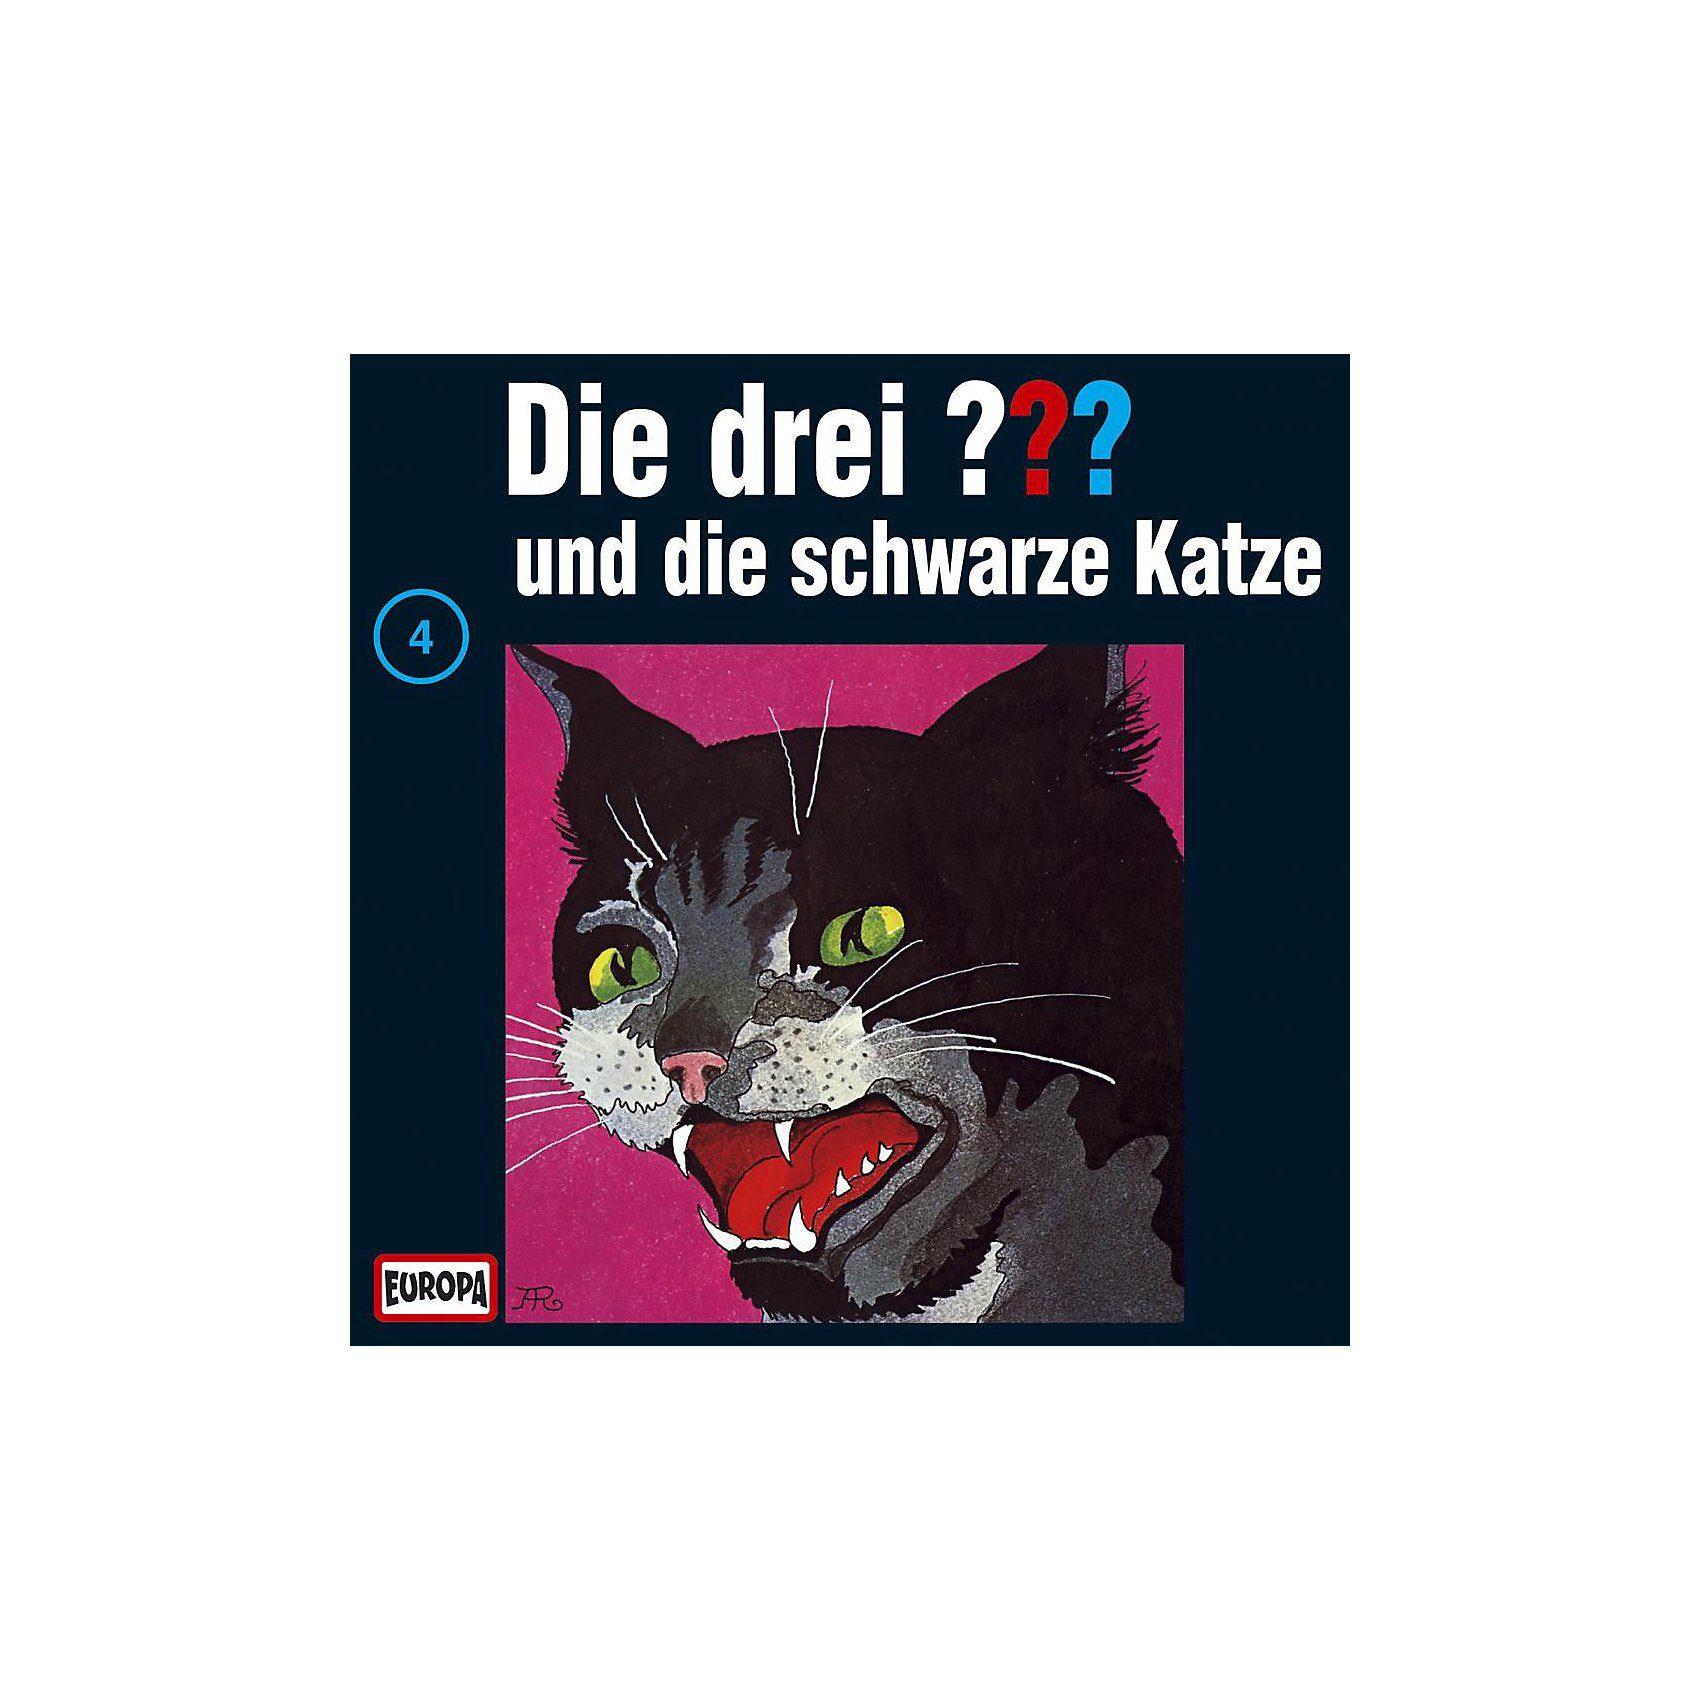 Sony CD Die drei ??? 004 (die schwarze Katze)